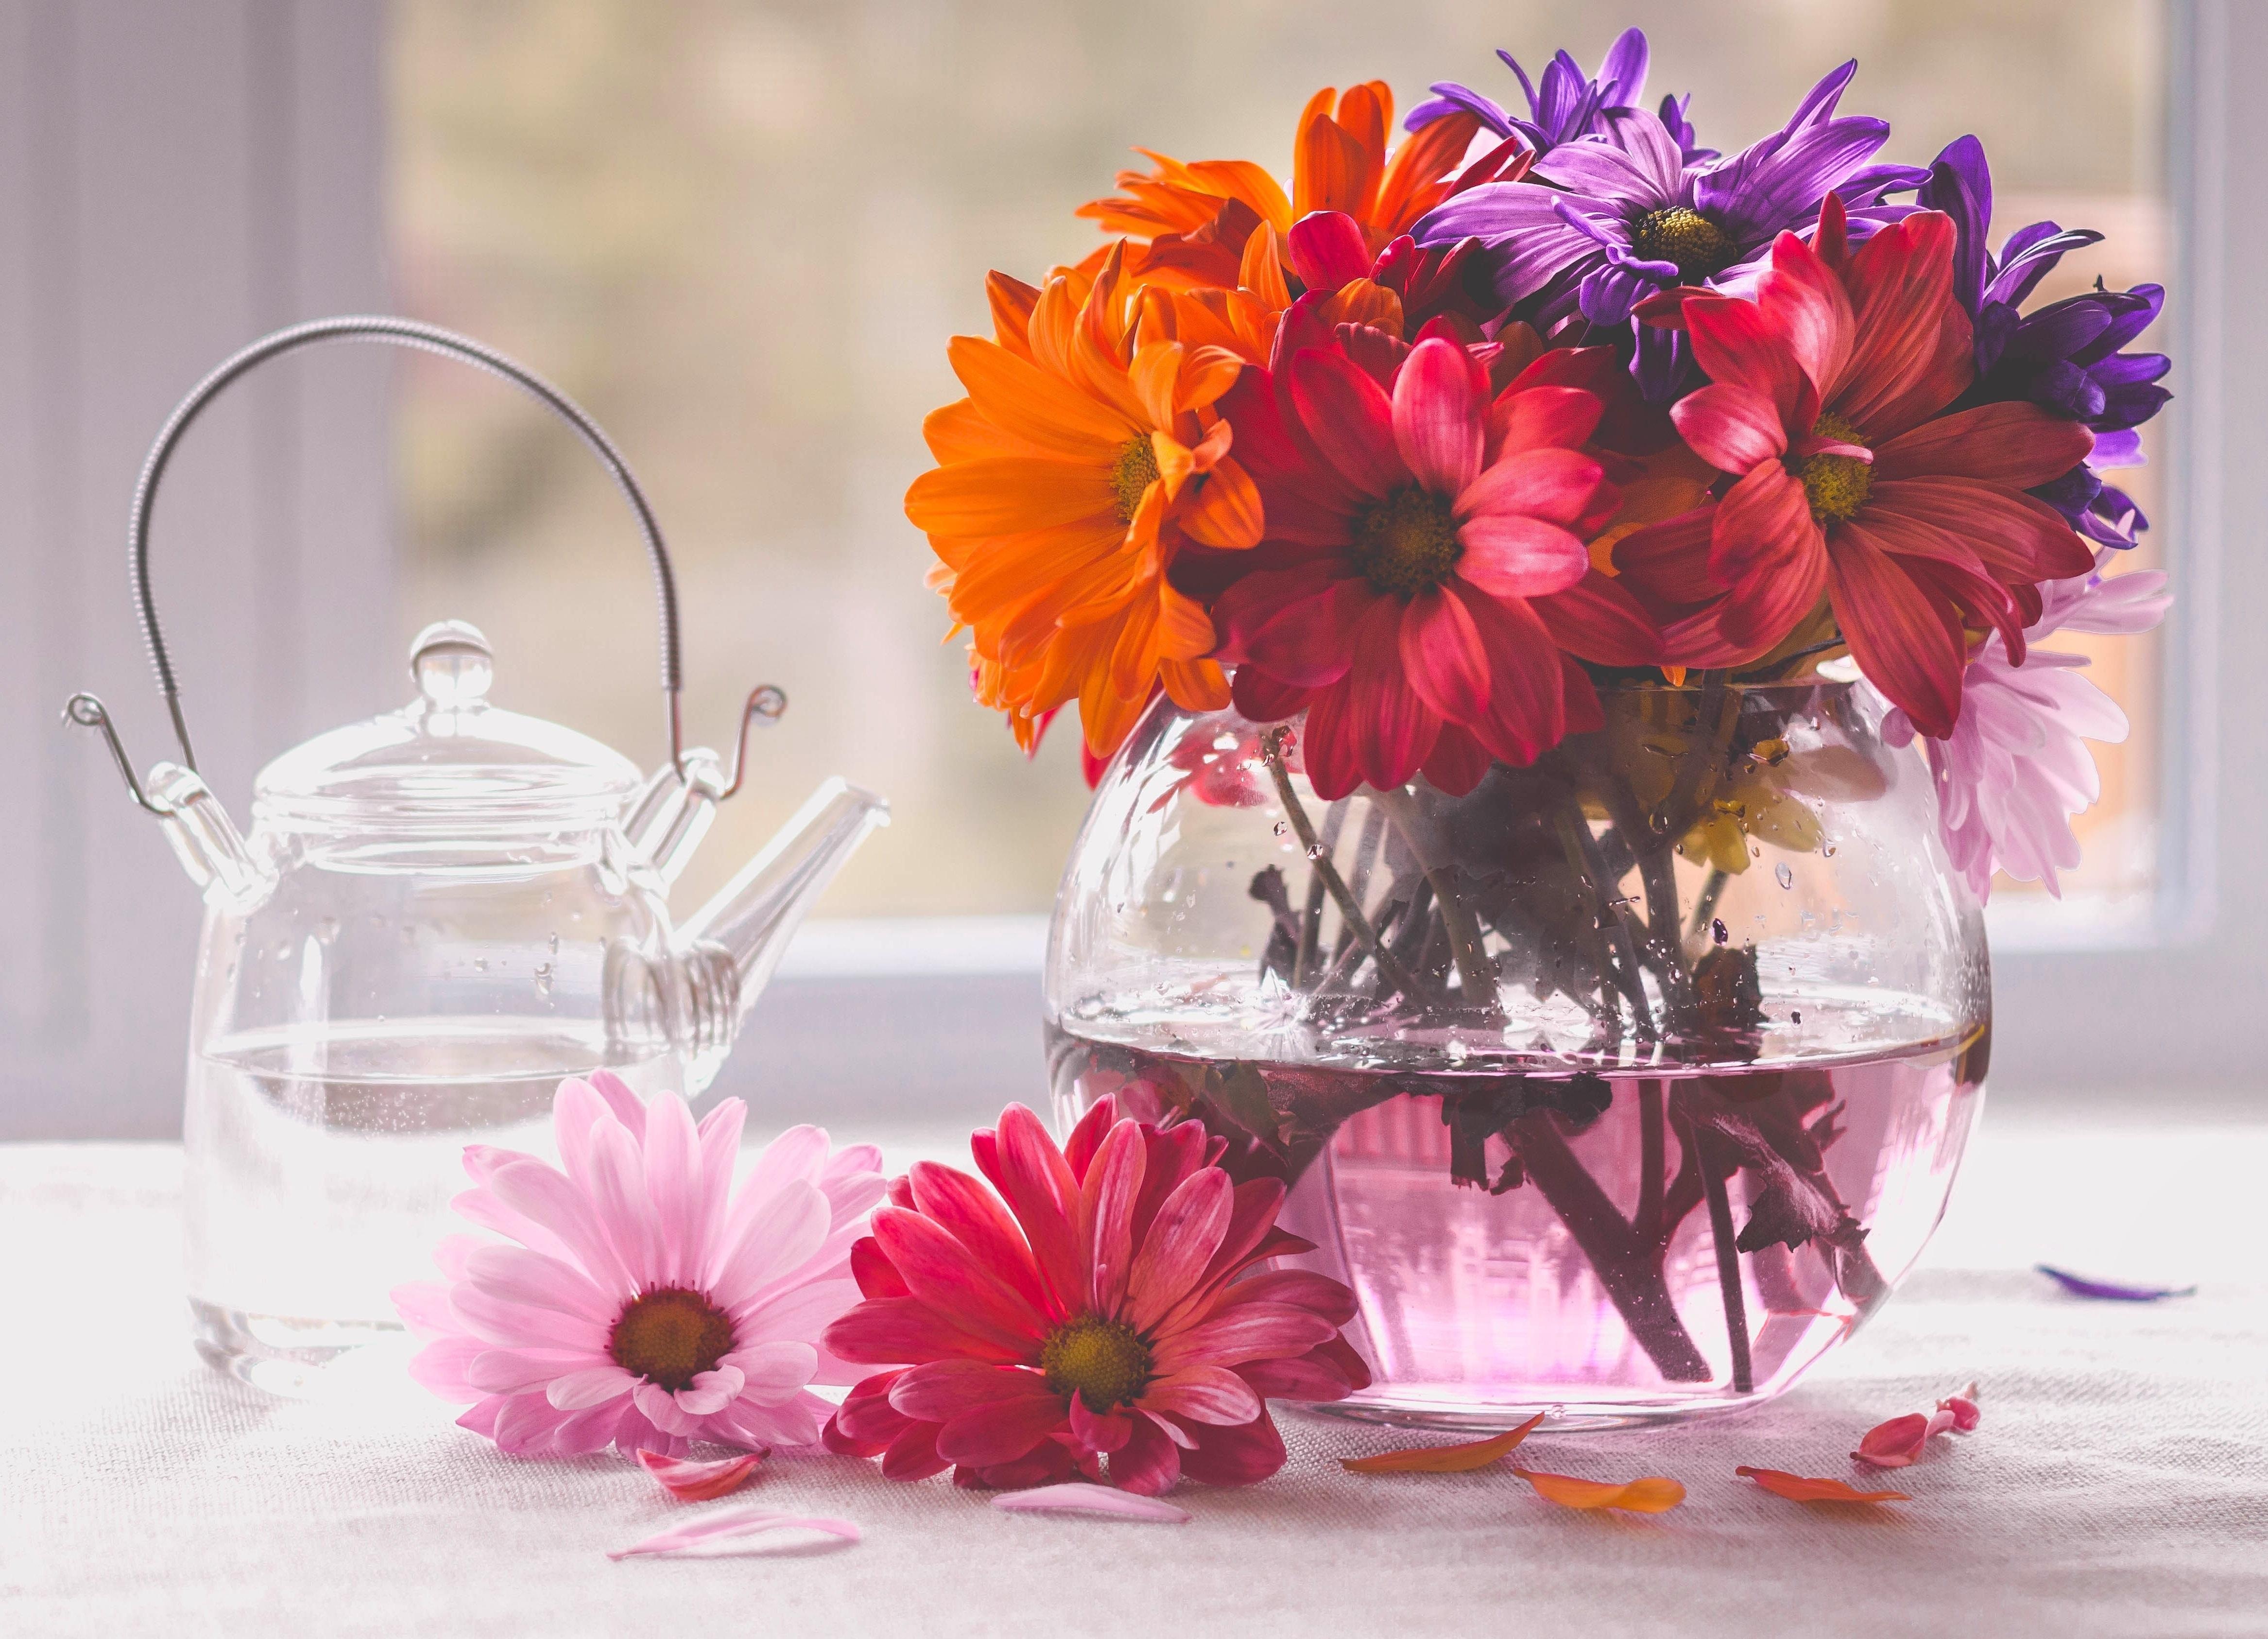 Цветы в вазе картинки на рабочий стол